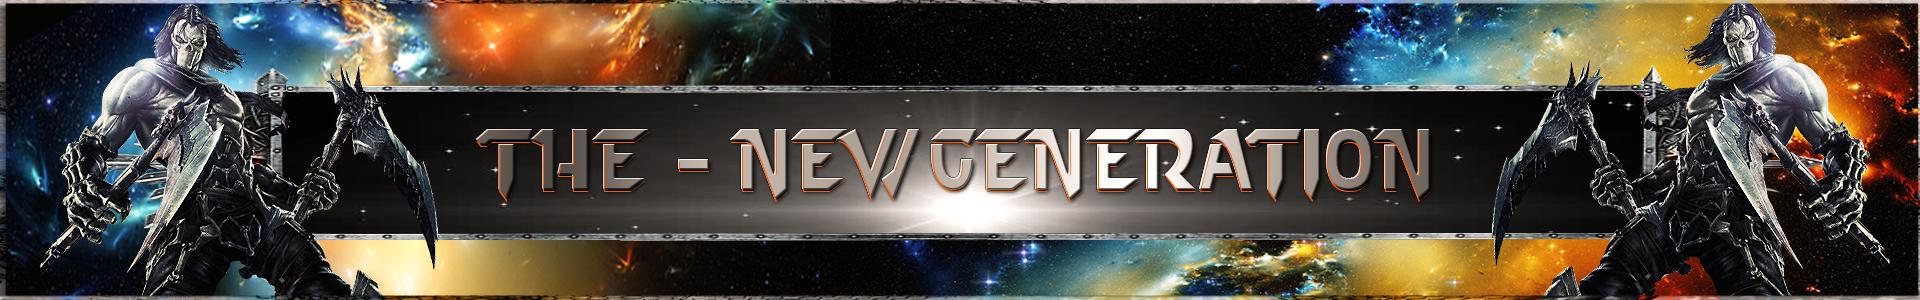 Nieuw NZB forum the-newgeneration net! - pagina 2 - Downloaden via